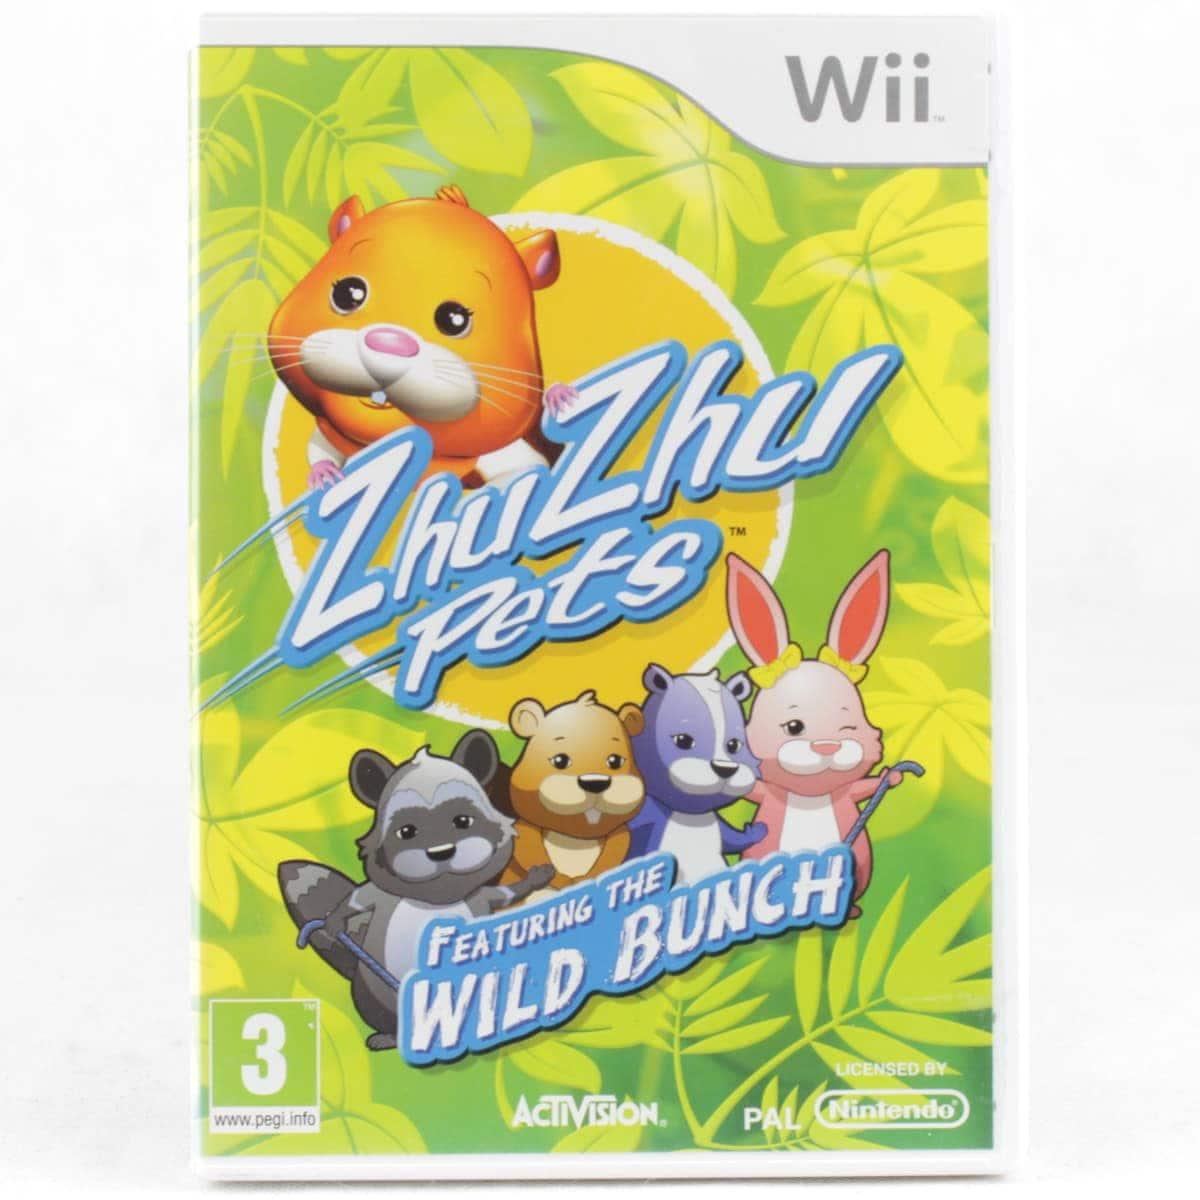 ZhuZhu Pets Featuring the Wild Bunch (Nintendo Wii)